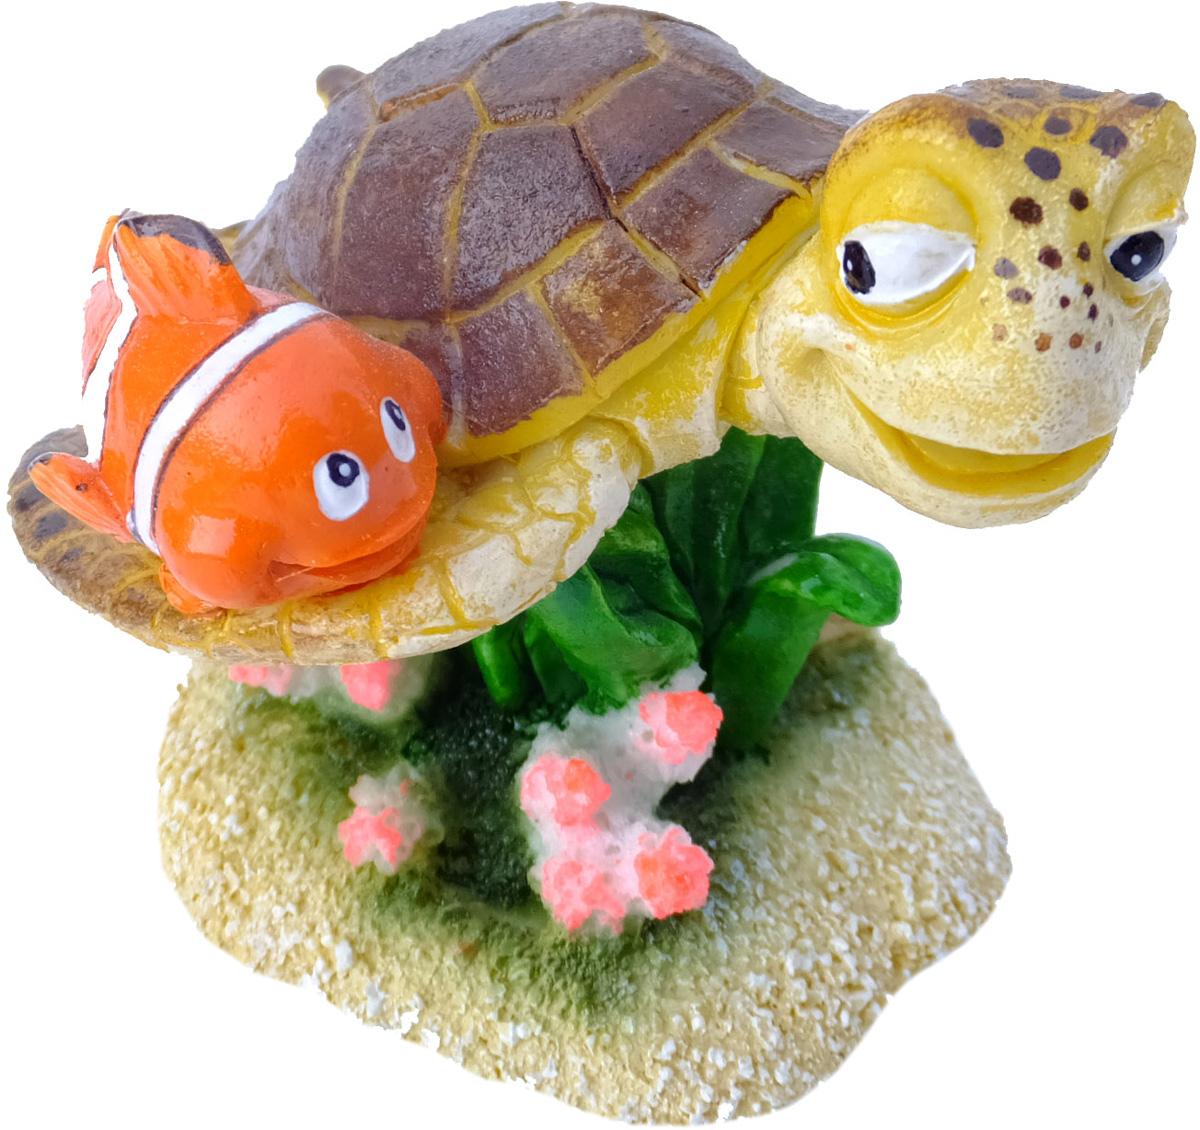 Грот Meijing Aquarium Немо и Прыск. EBI-338SEBI-338SГрот Meijing Aquarium Немо и Прыск - станет прекрасным украшением для детского аквариума и послужит укрытием для рыб. Ведь, как известно, в аквариуме без укрытий рыбки постоянно испытывают стресс.